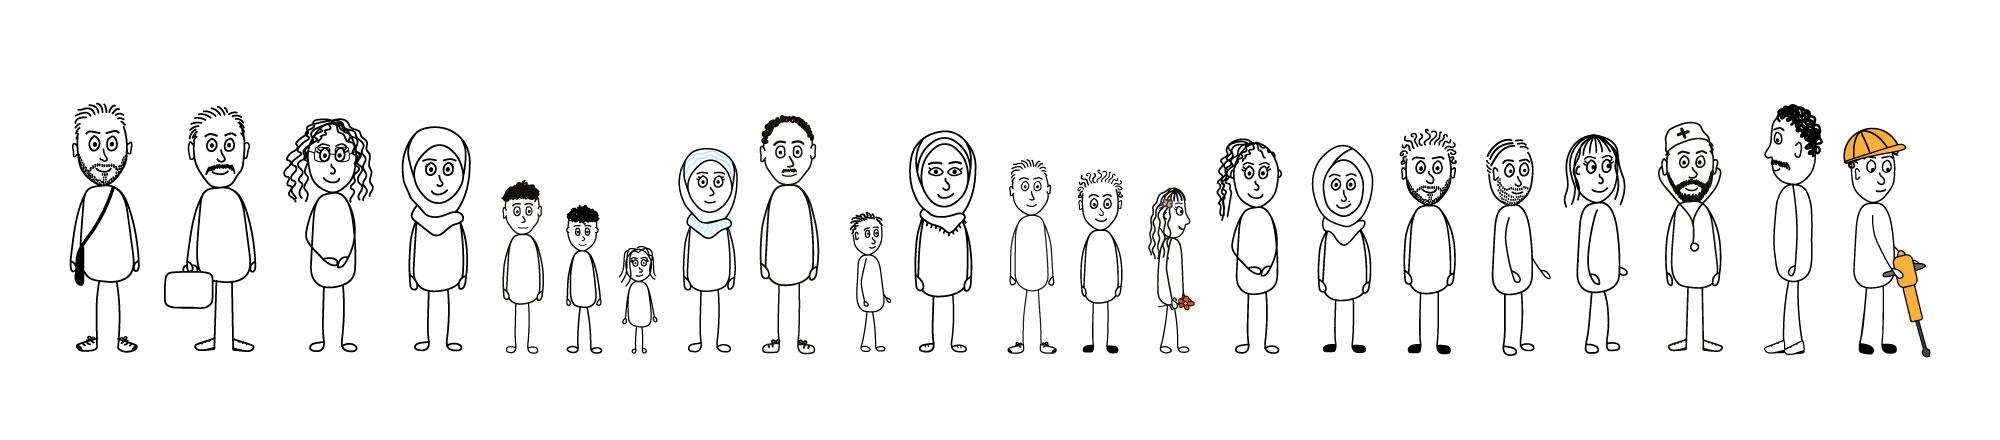 Alle 22 illustrierten Charaktere stehen nebeneinander.